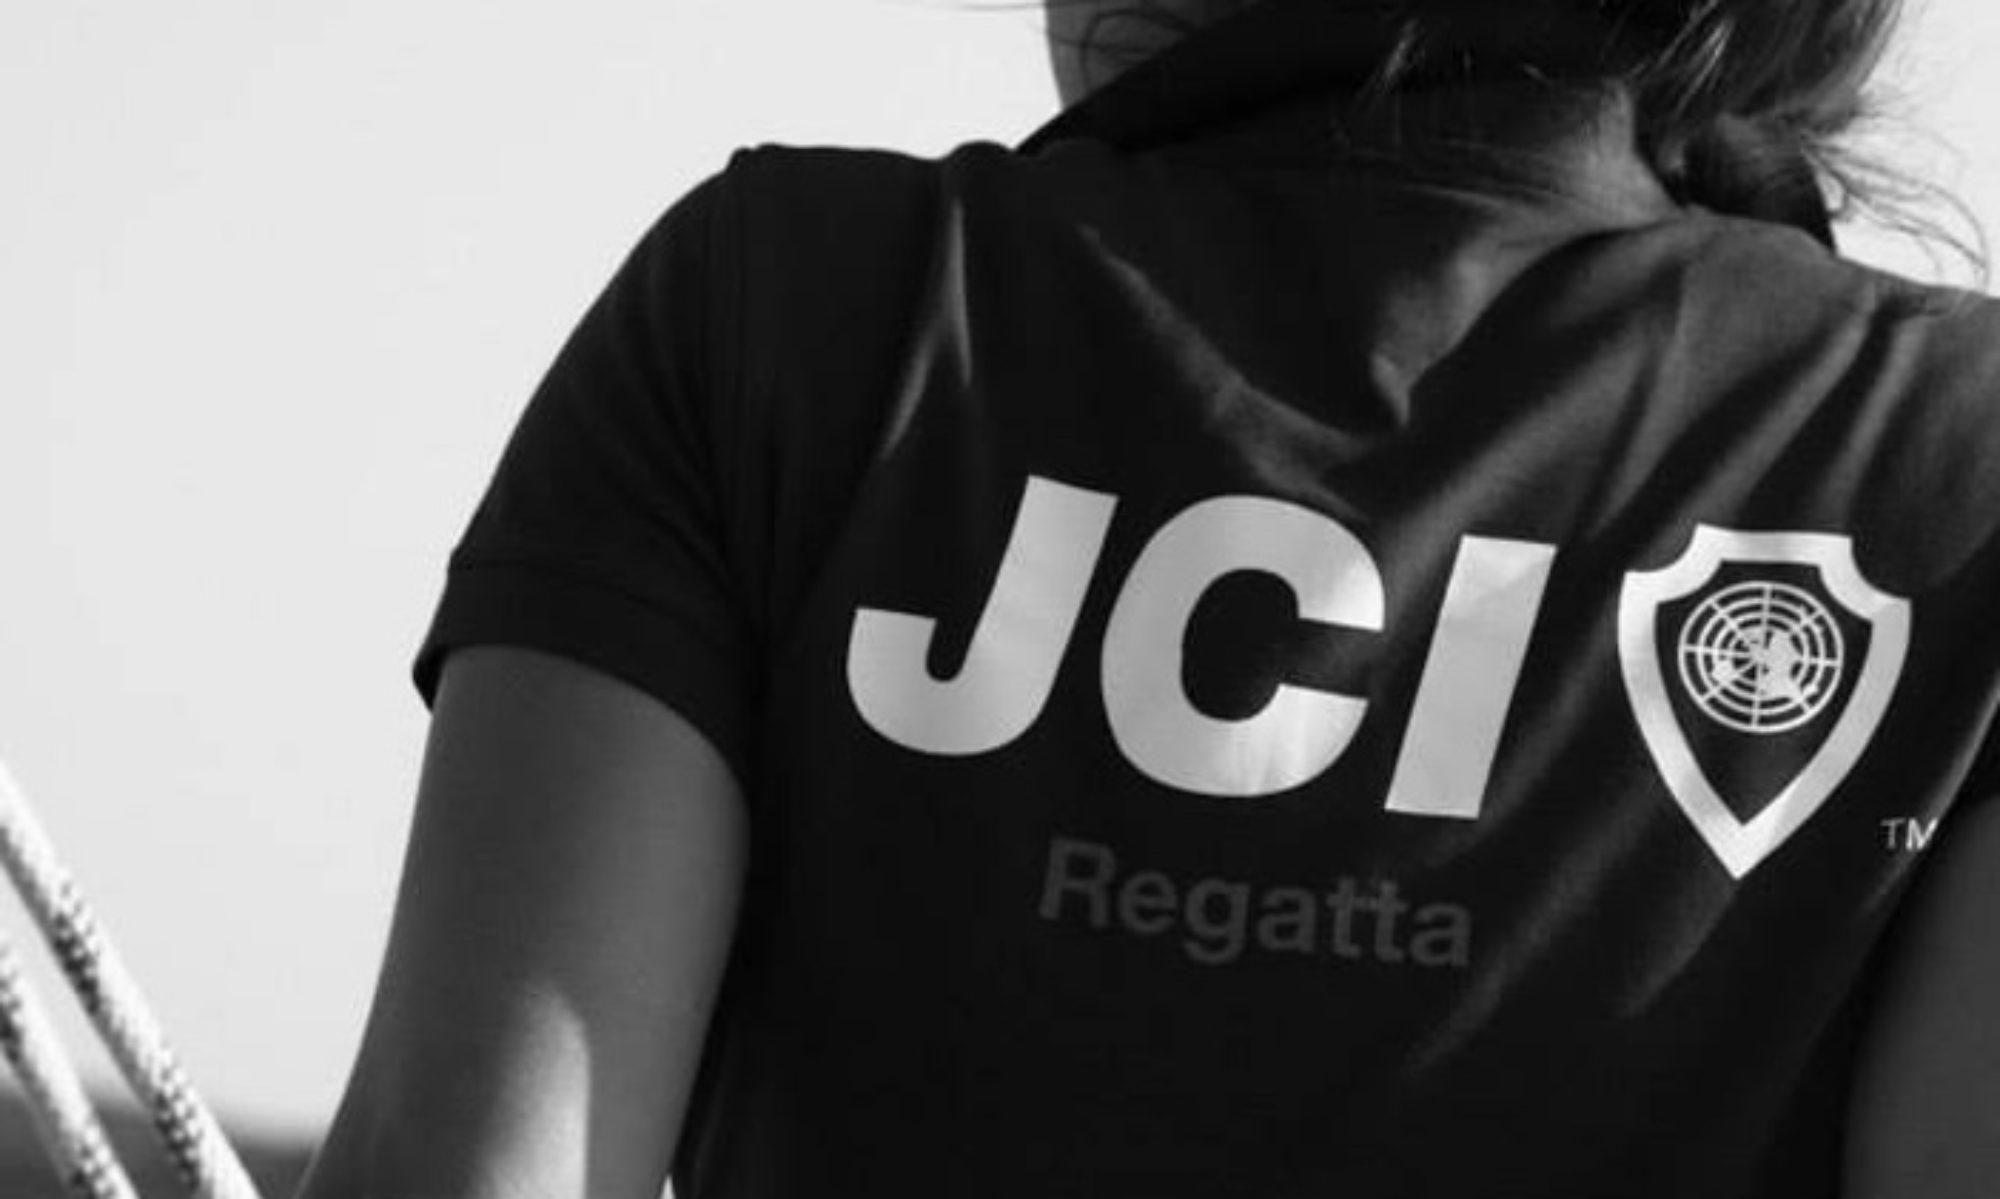 JCI Regatta